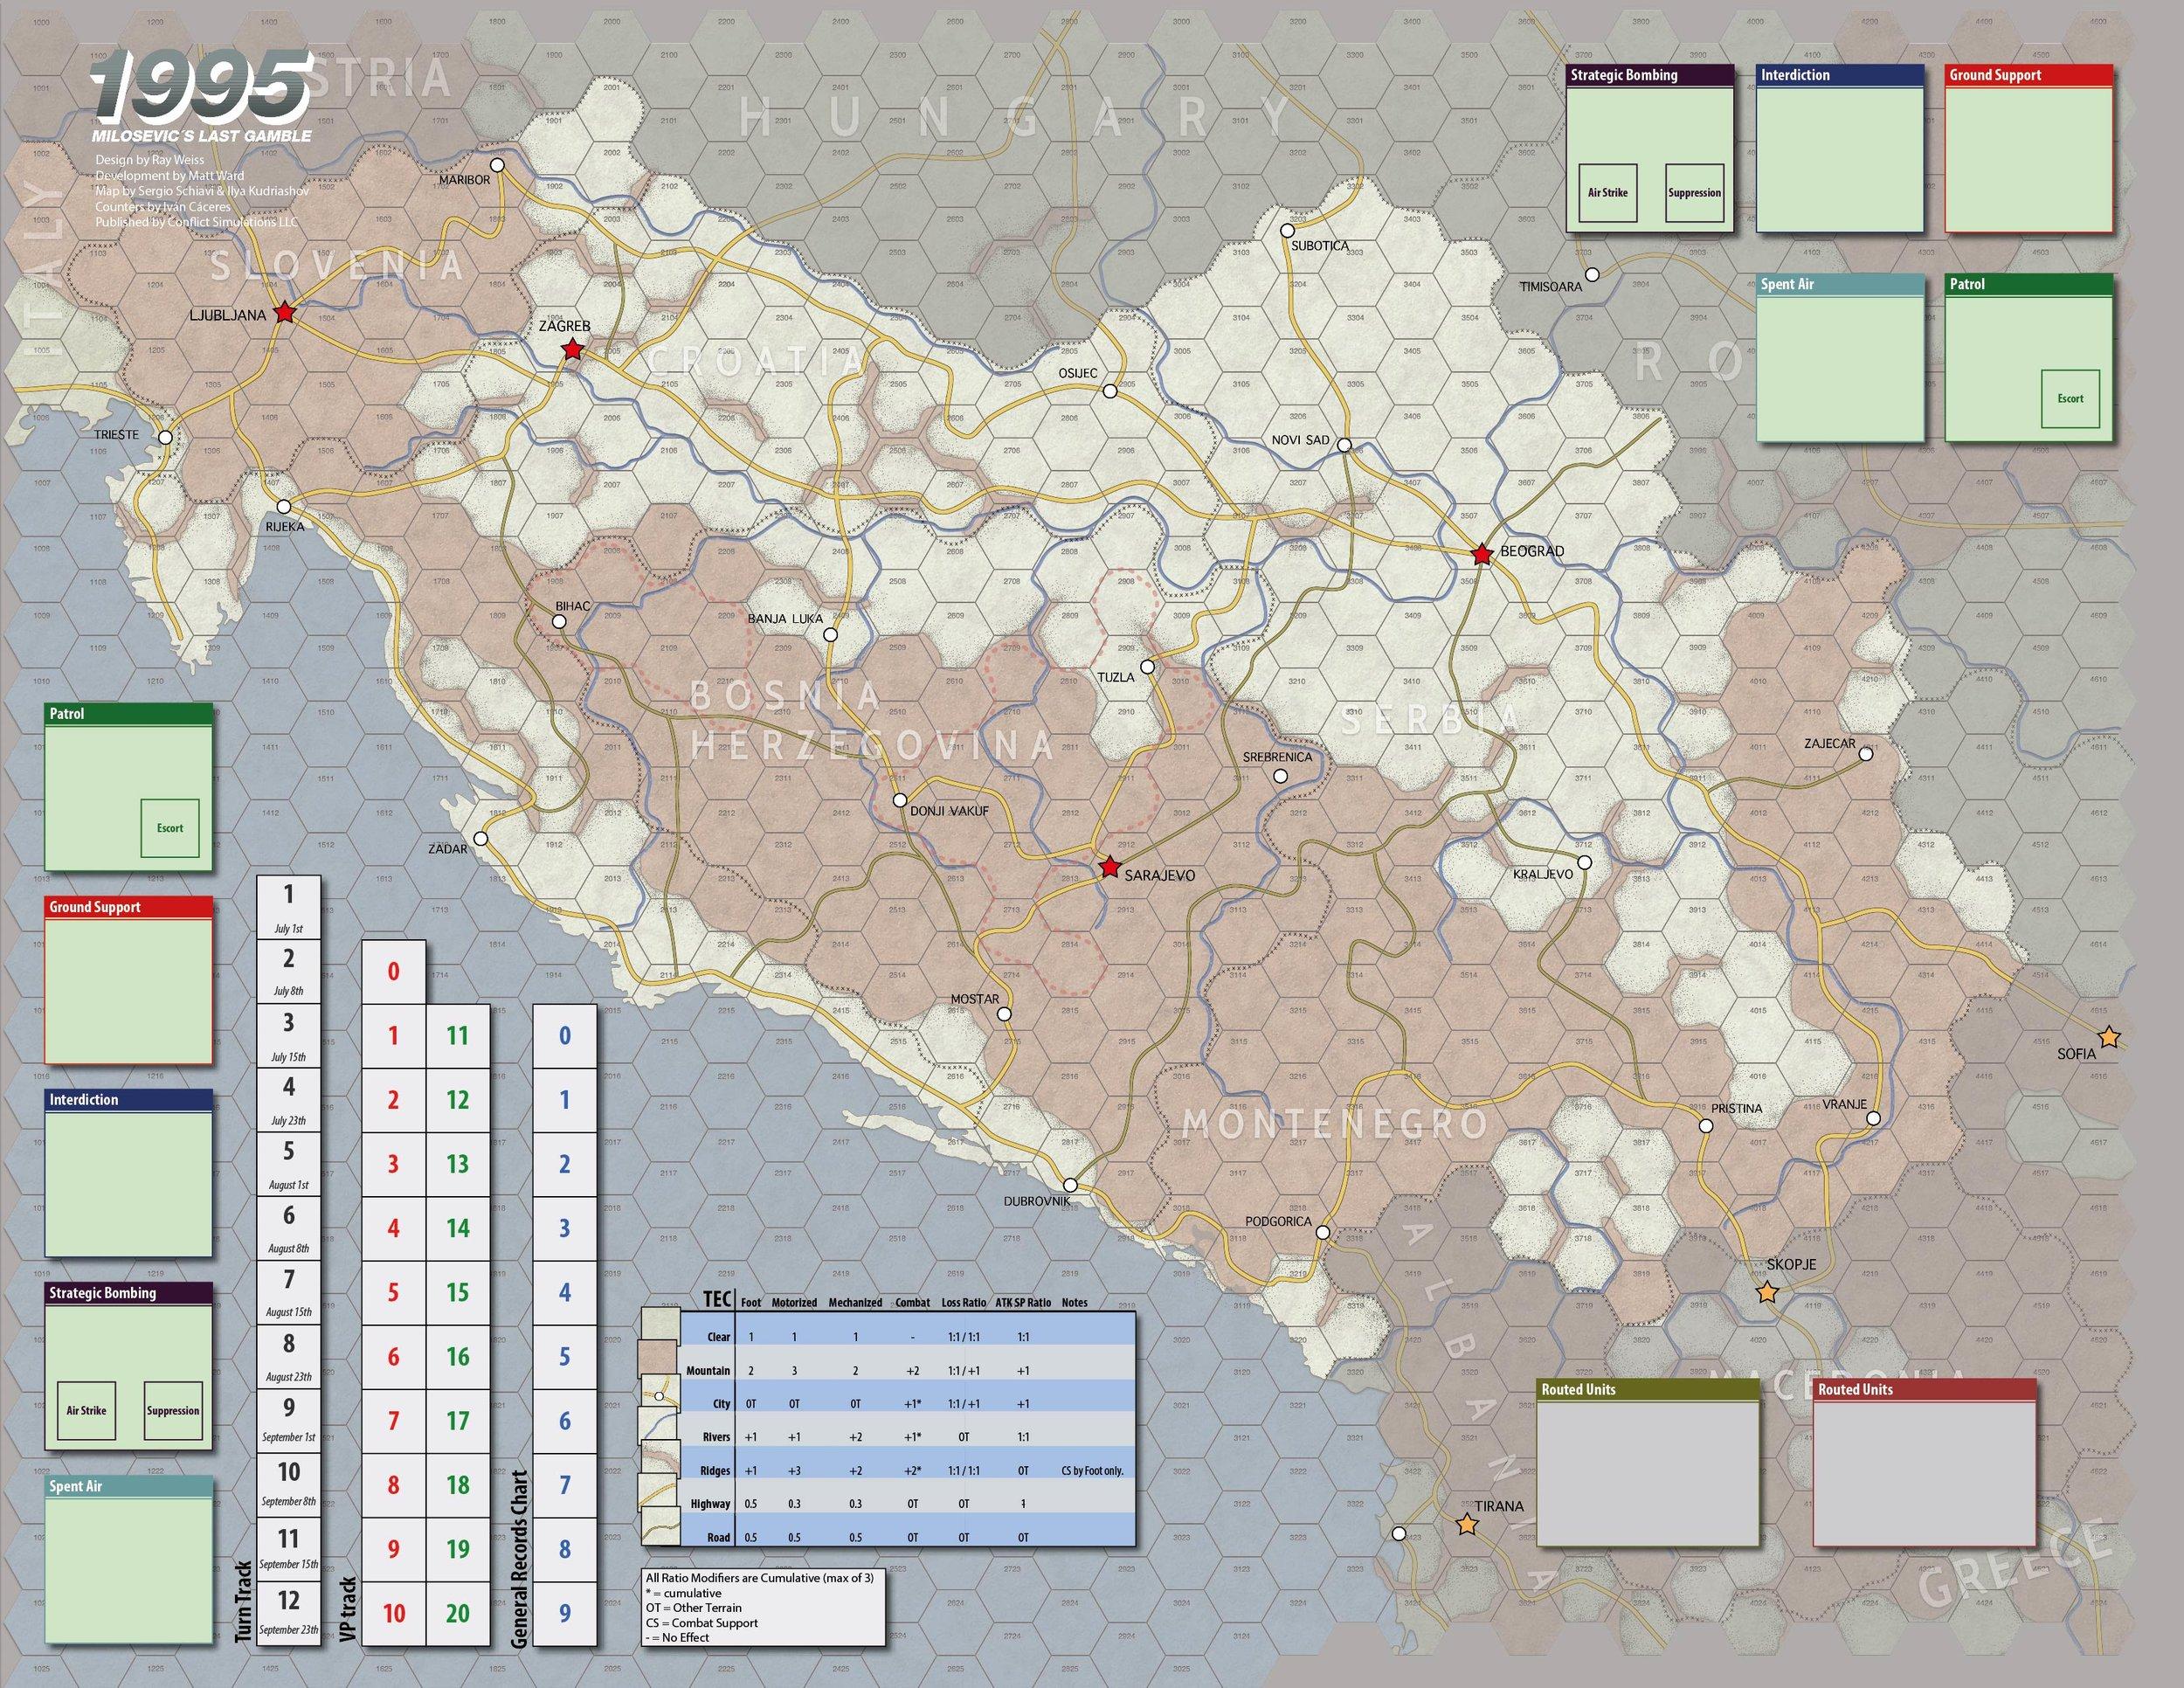 yugo3.psd_1995(2).jpg